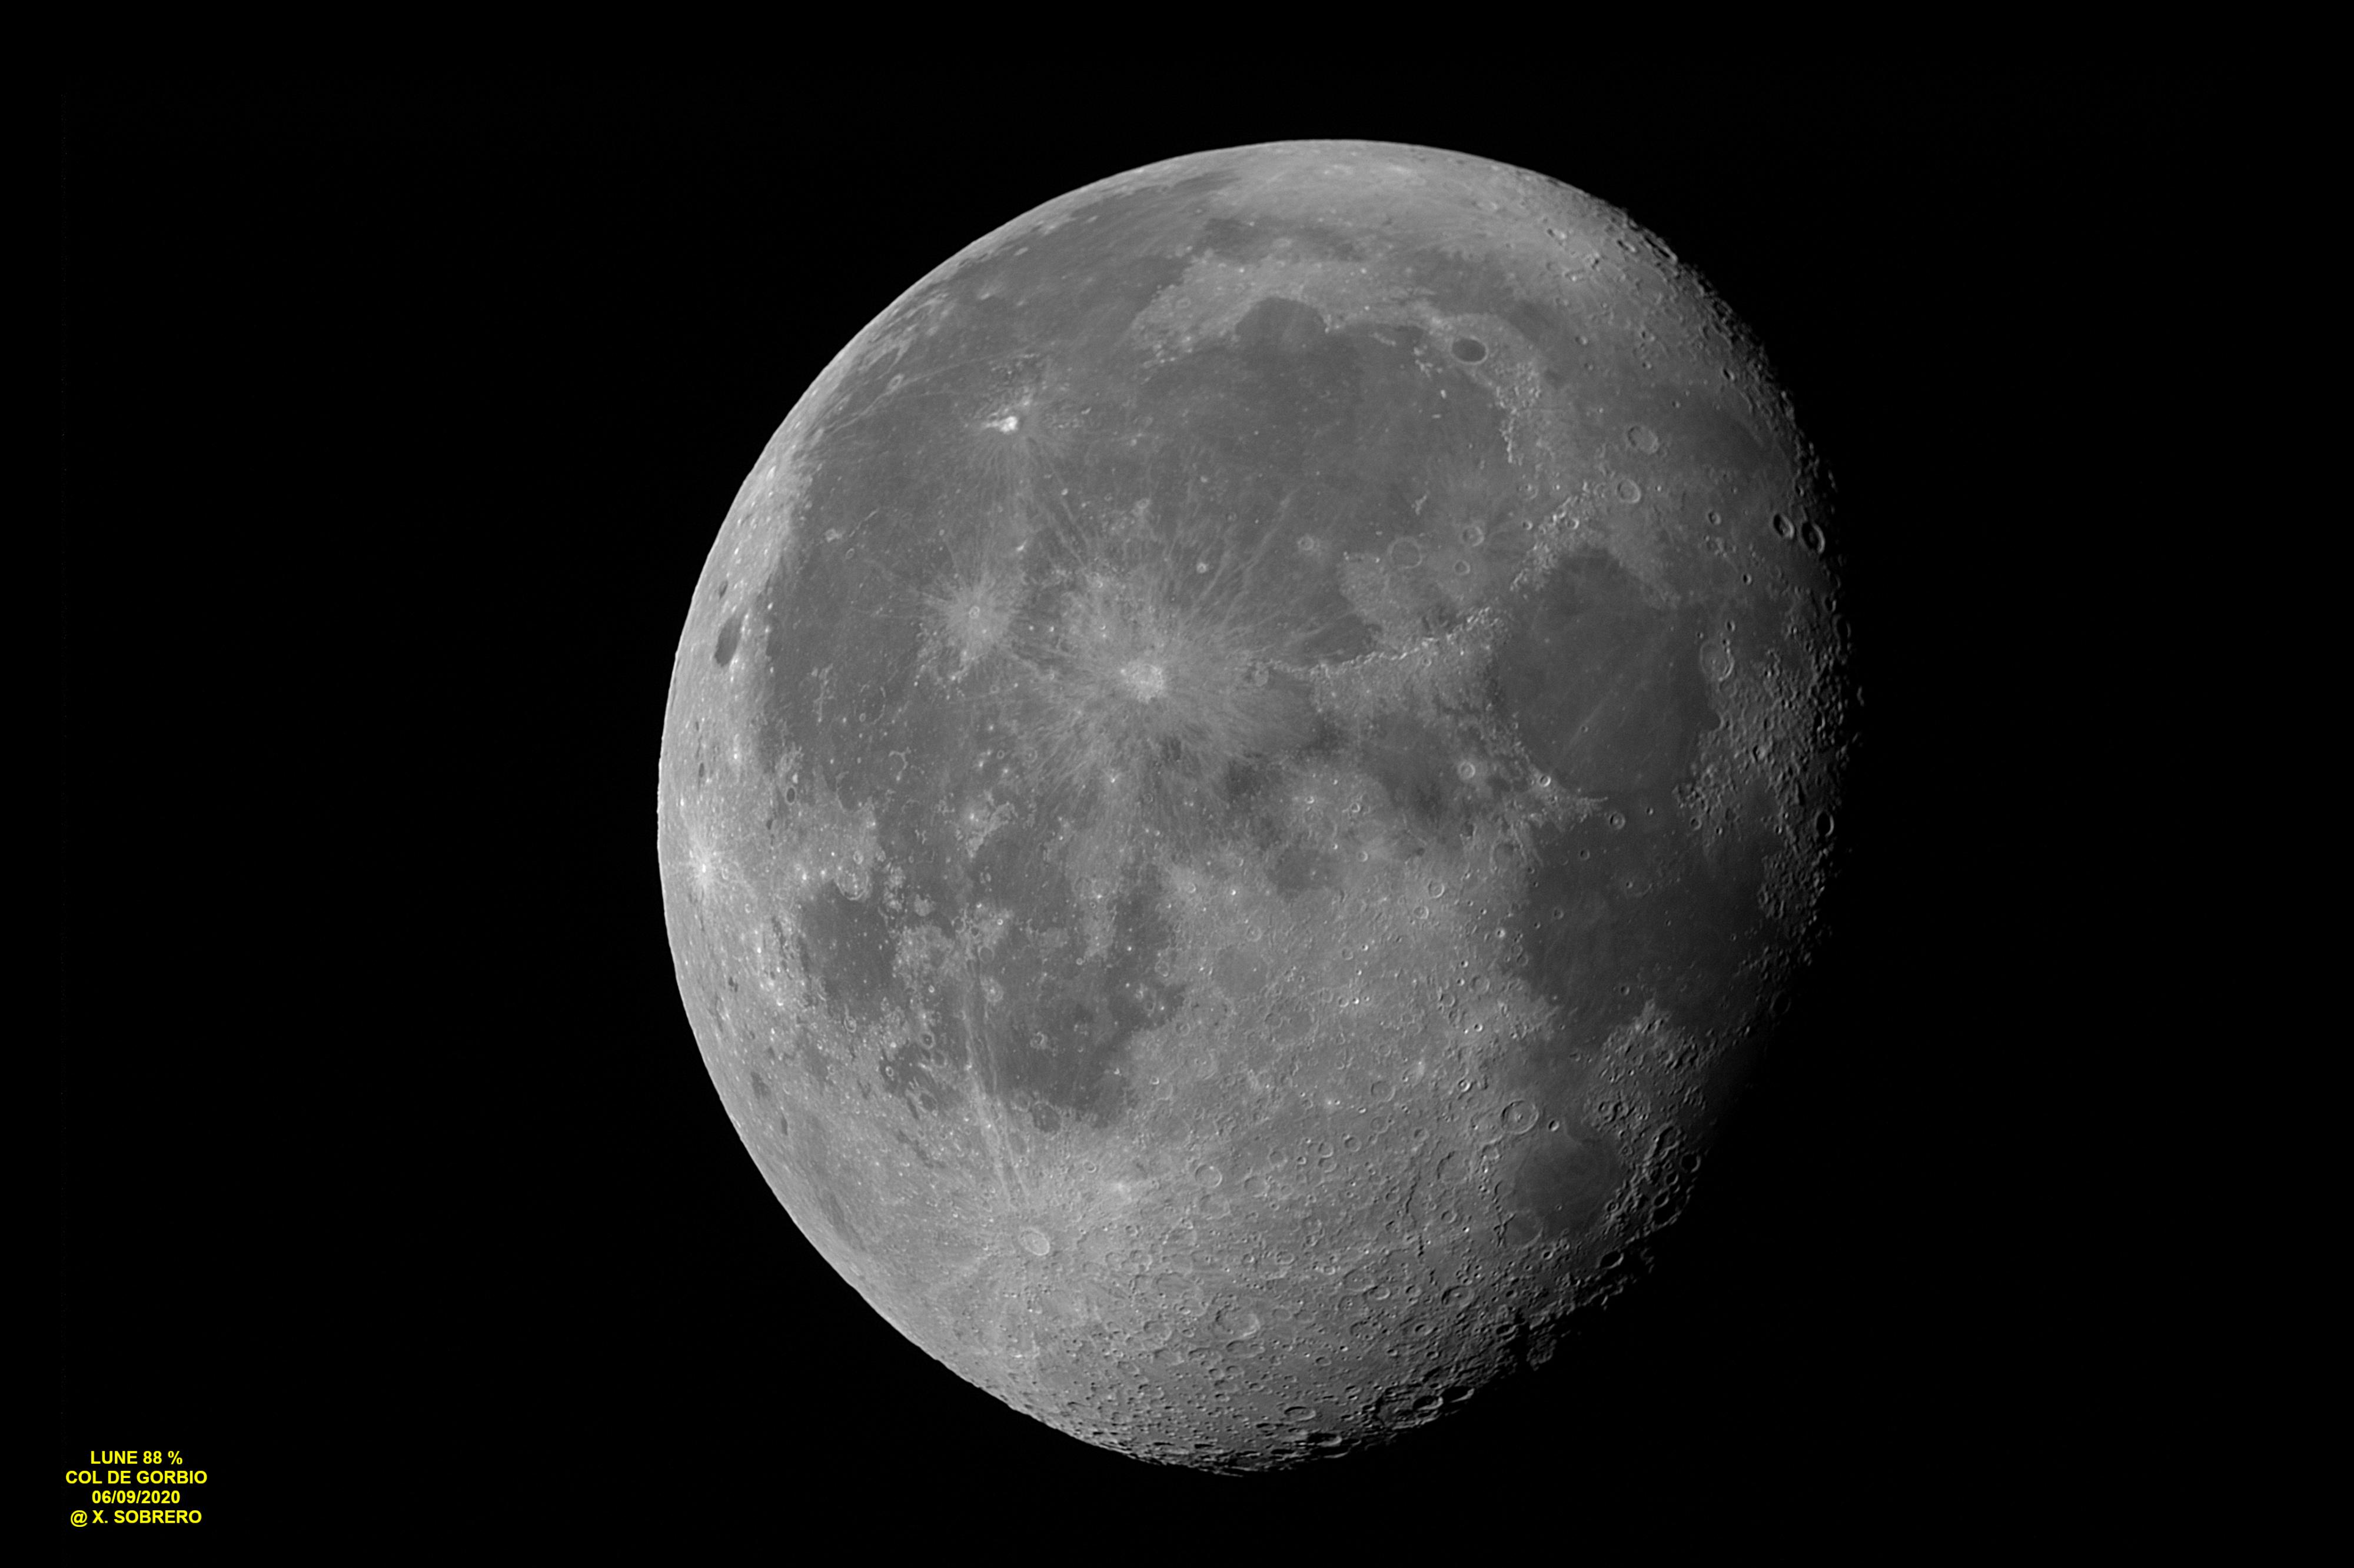 Lune 88 % le 06/09/2020